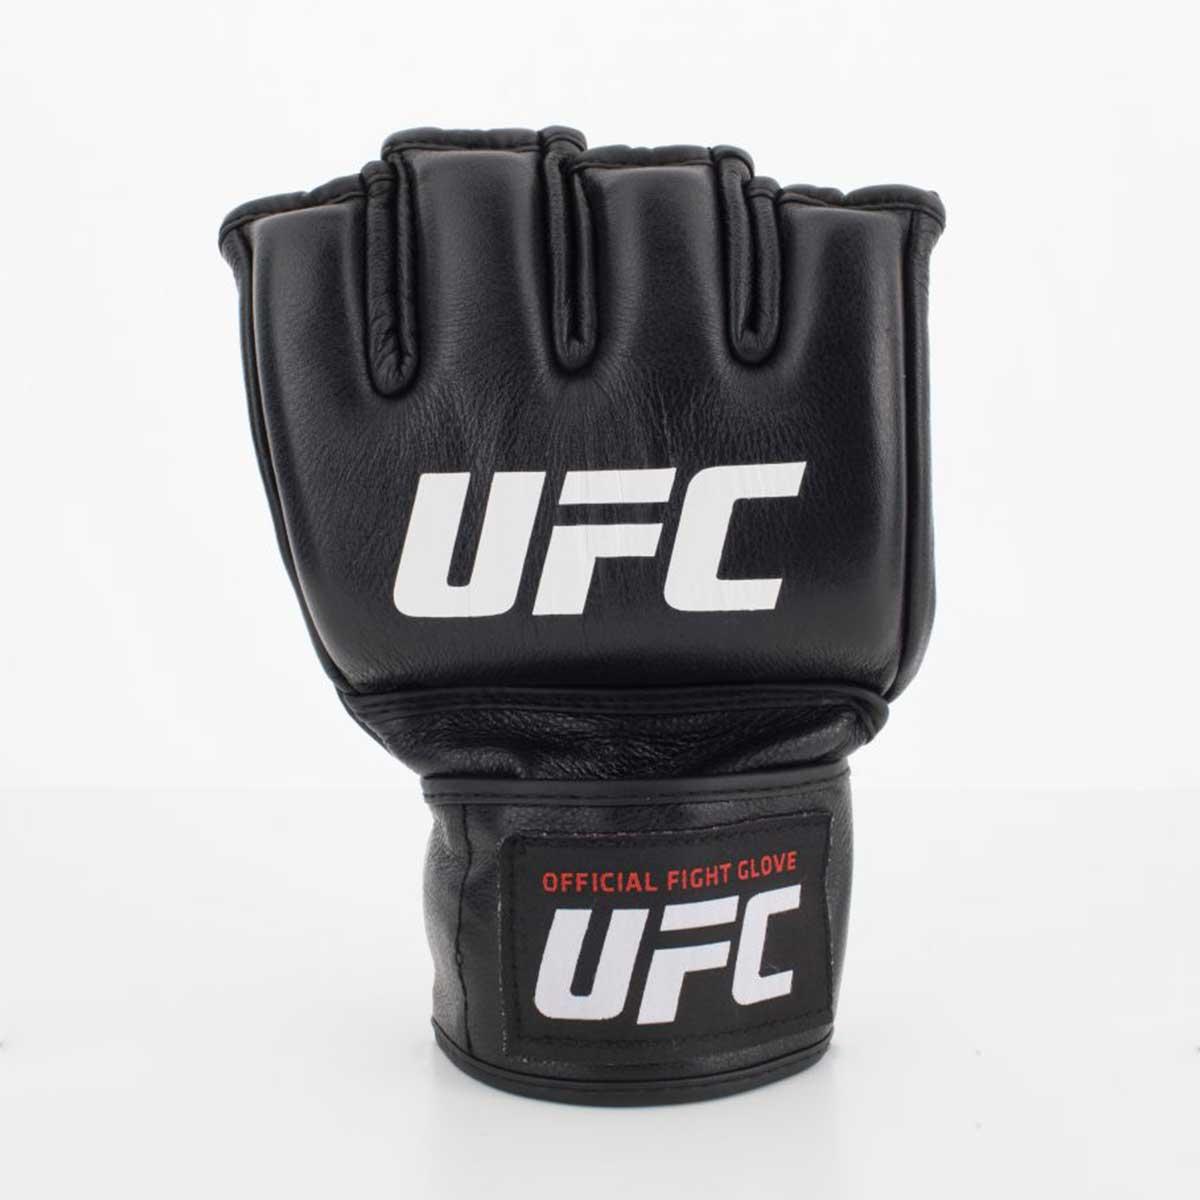 UFC-官方專業競賽用手套-男版-XS